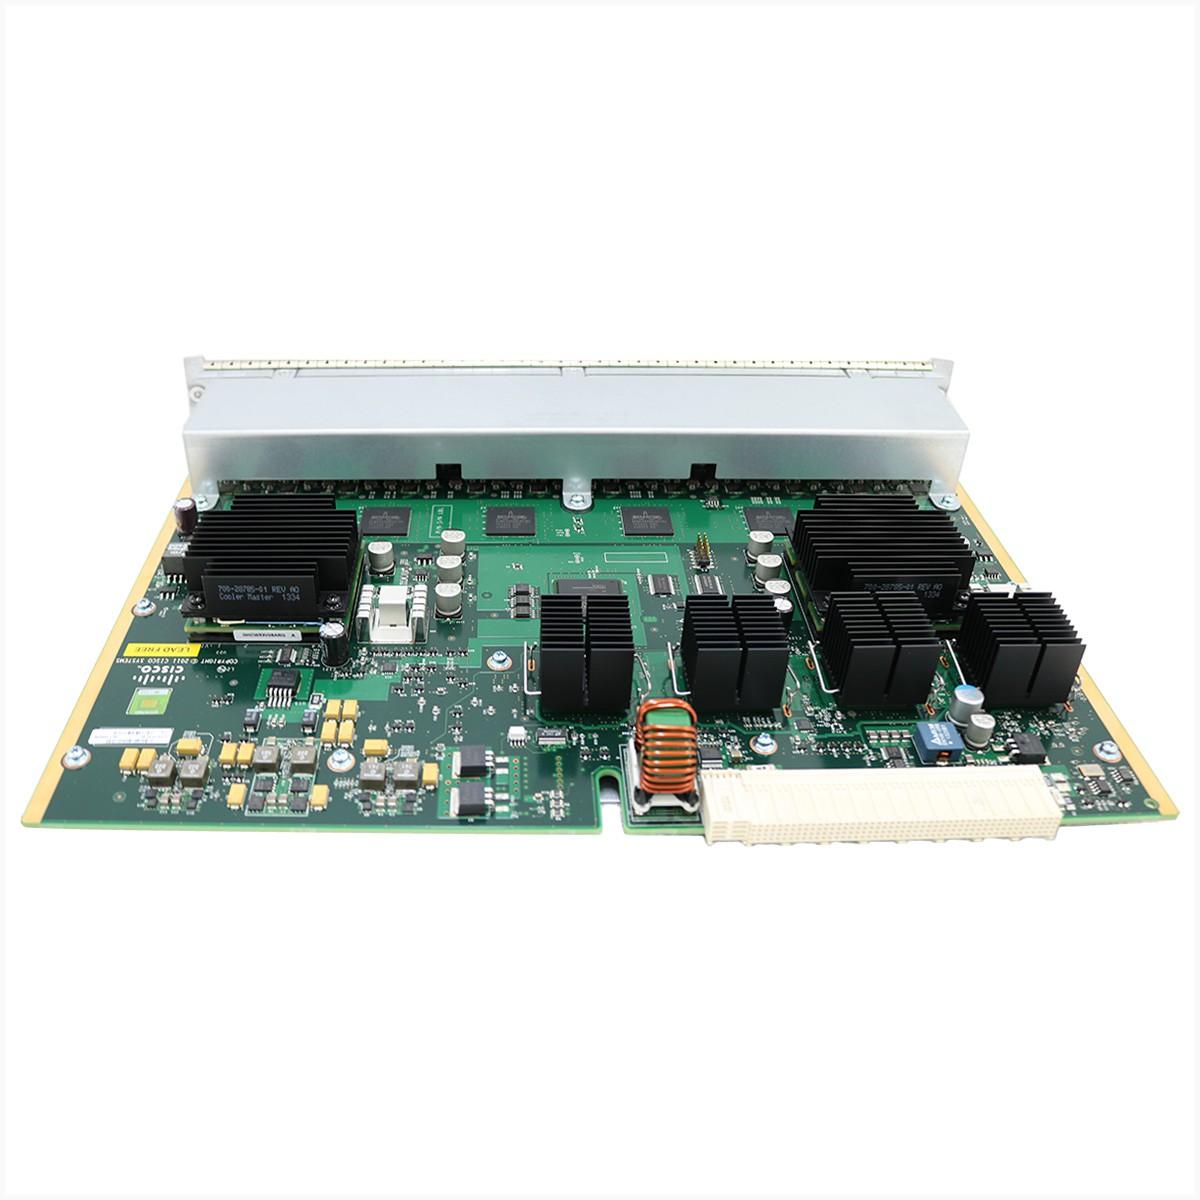 Blade cisco ws-x4648-rj45v+e - usado